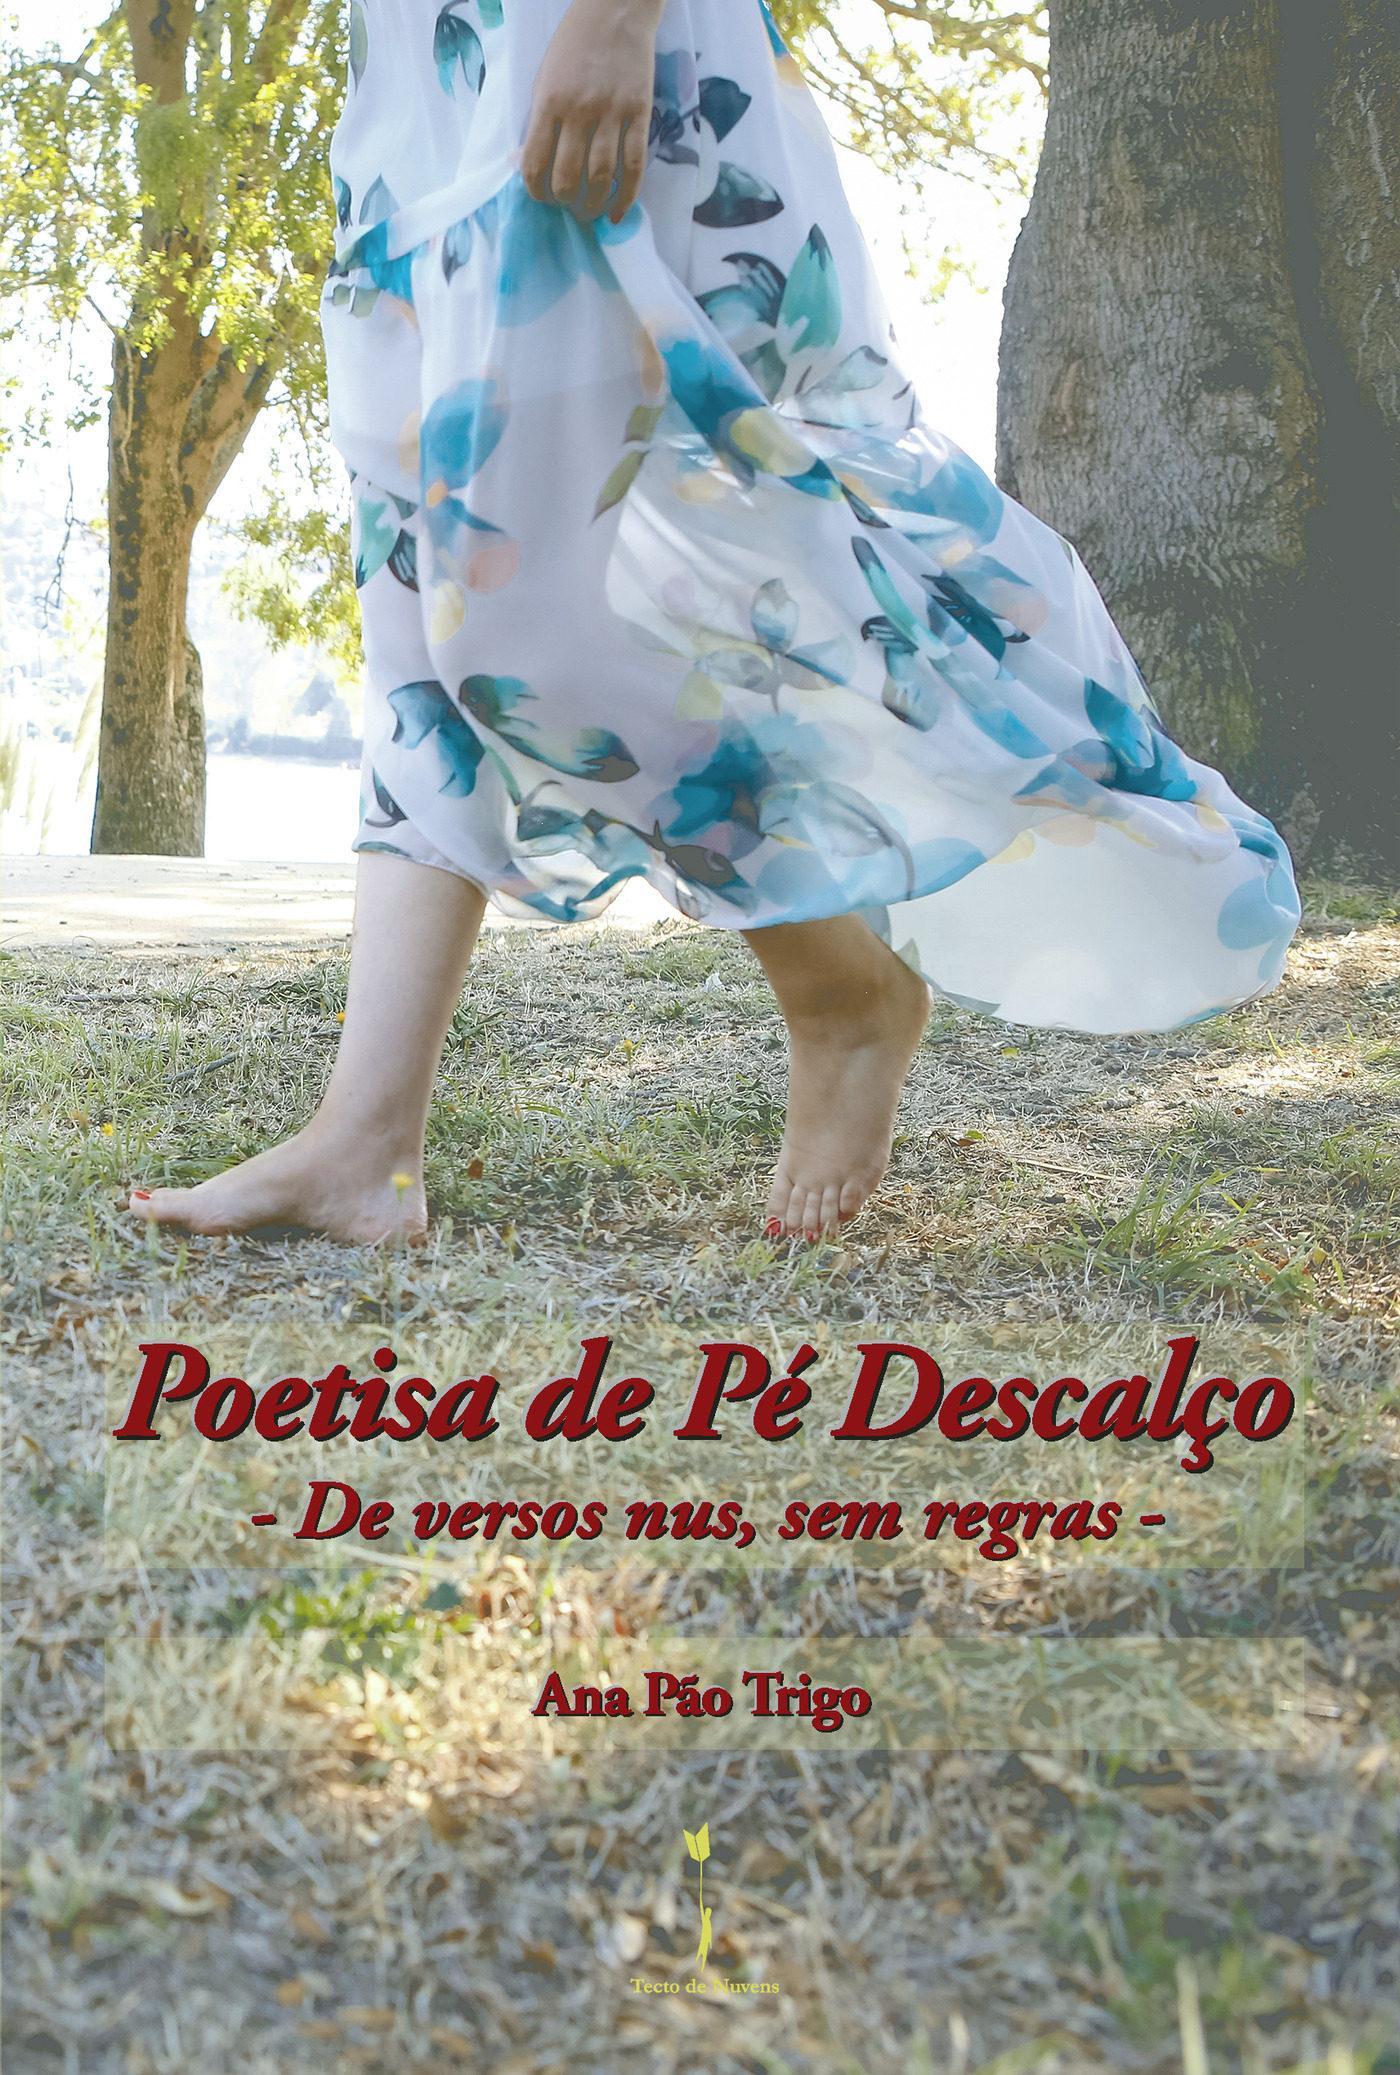 Poetisa De Pé Descalço - Pao Trigo Ana